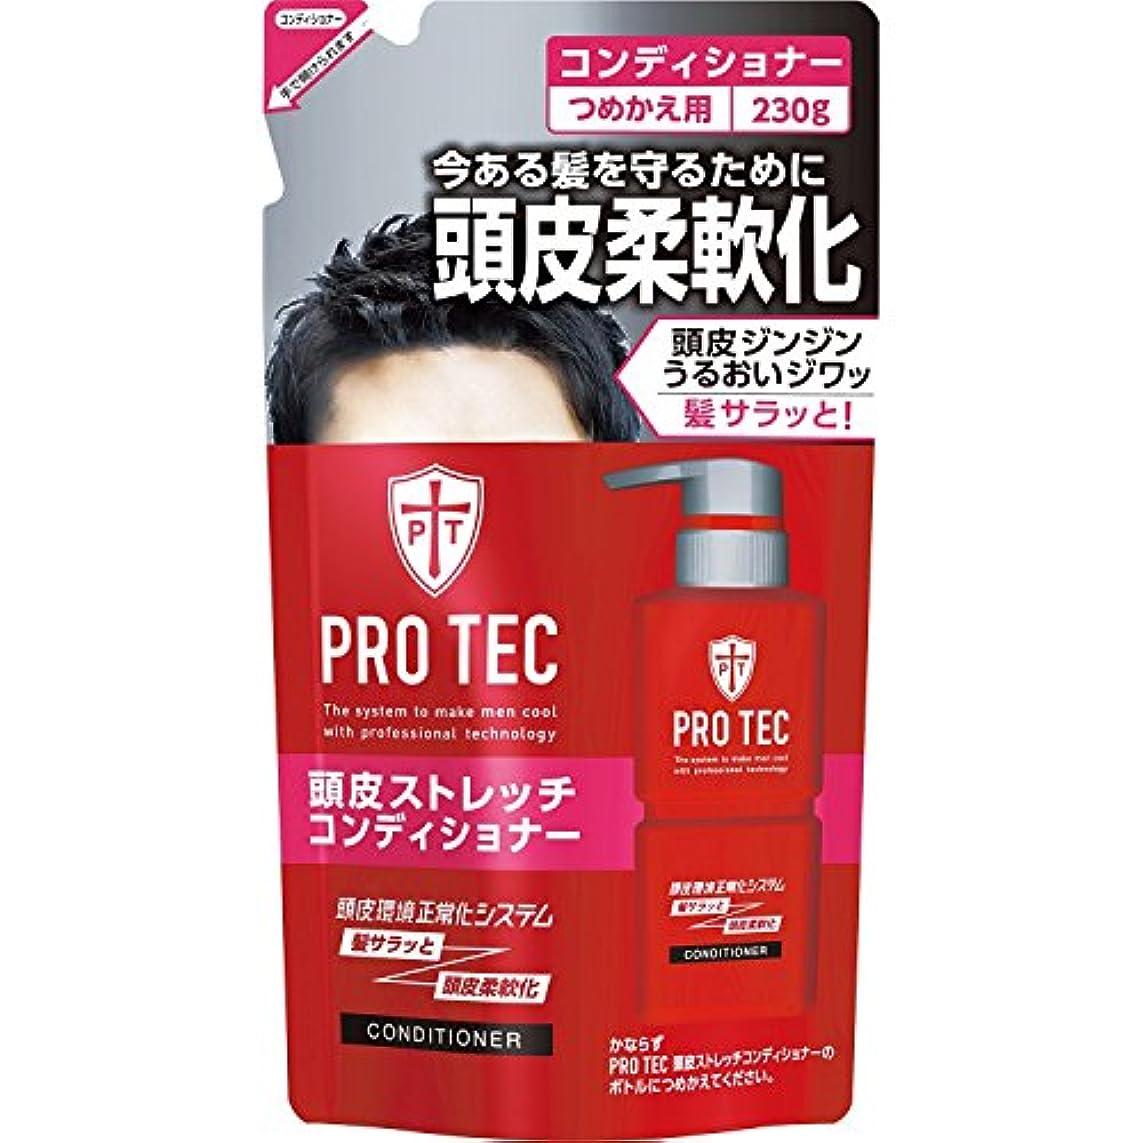 フックゲージとまり木PRO TEC(プロテク) 頭皮ストレッチ コンディショナー 詰め替え 230g